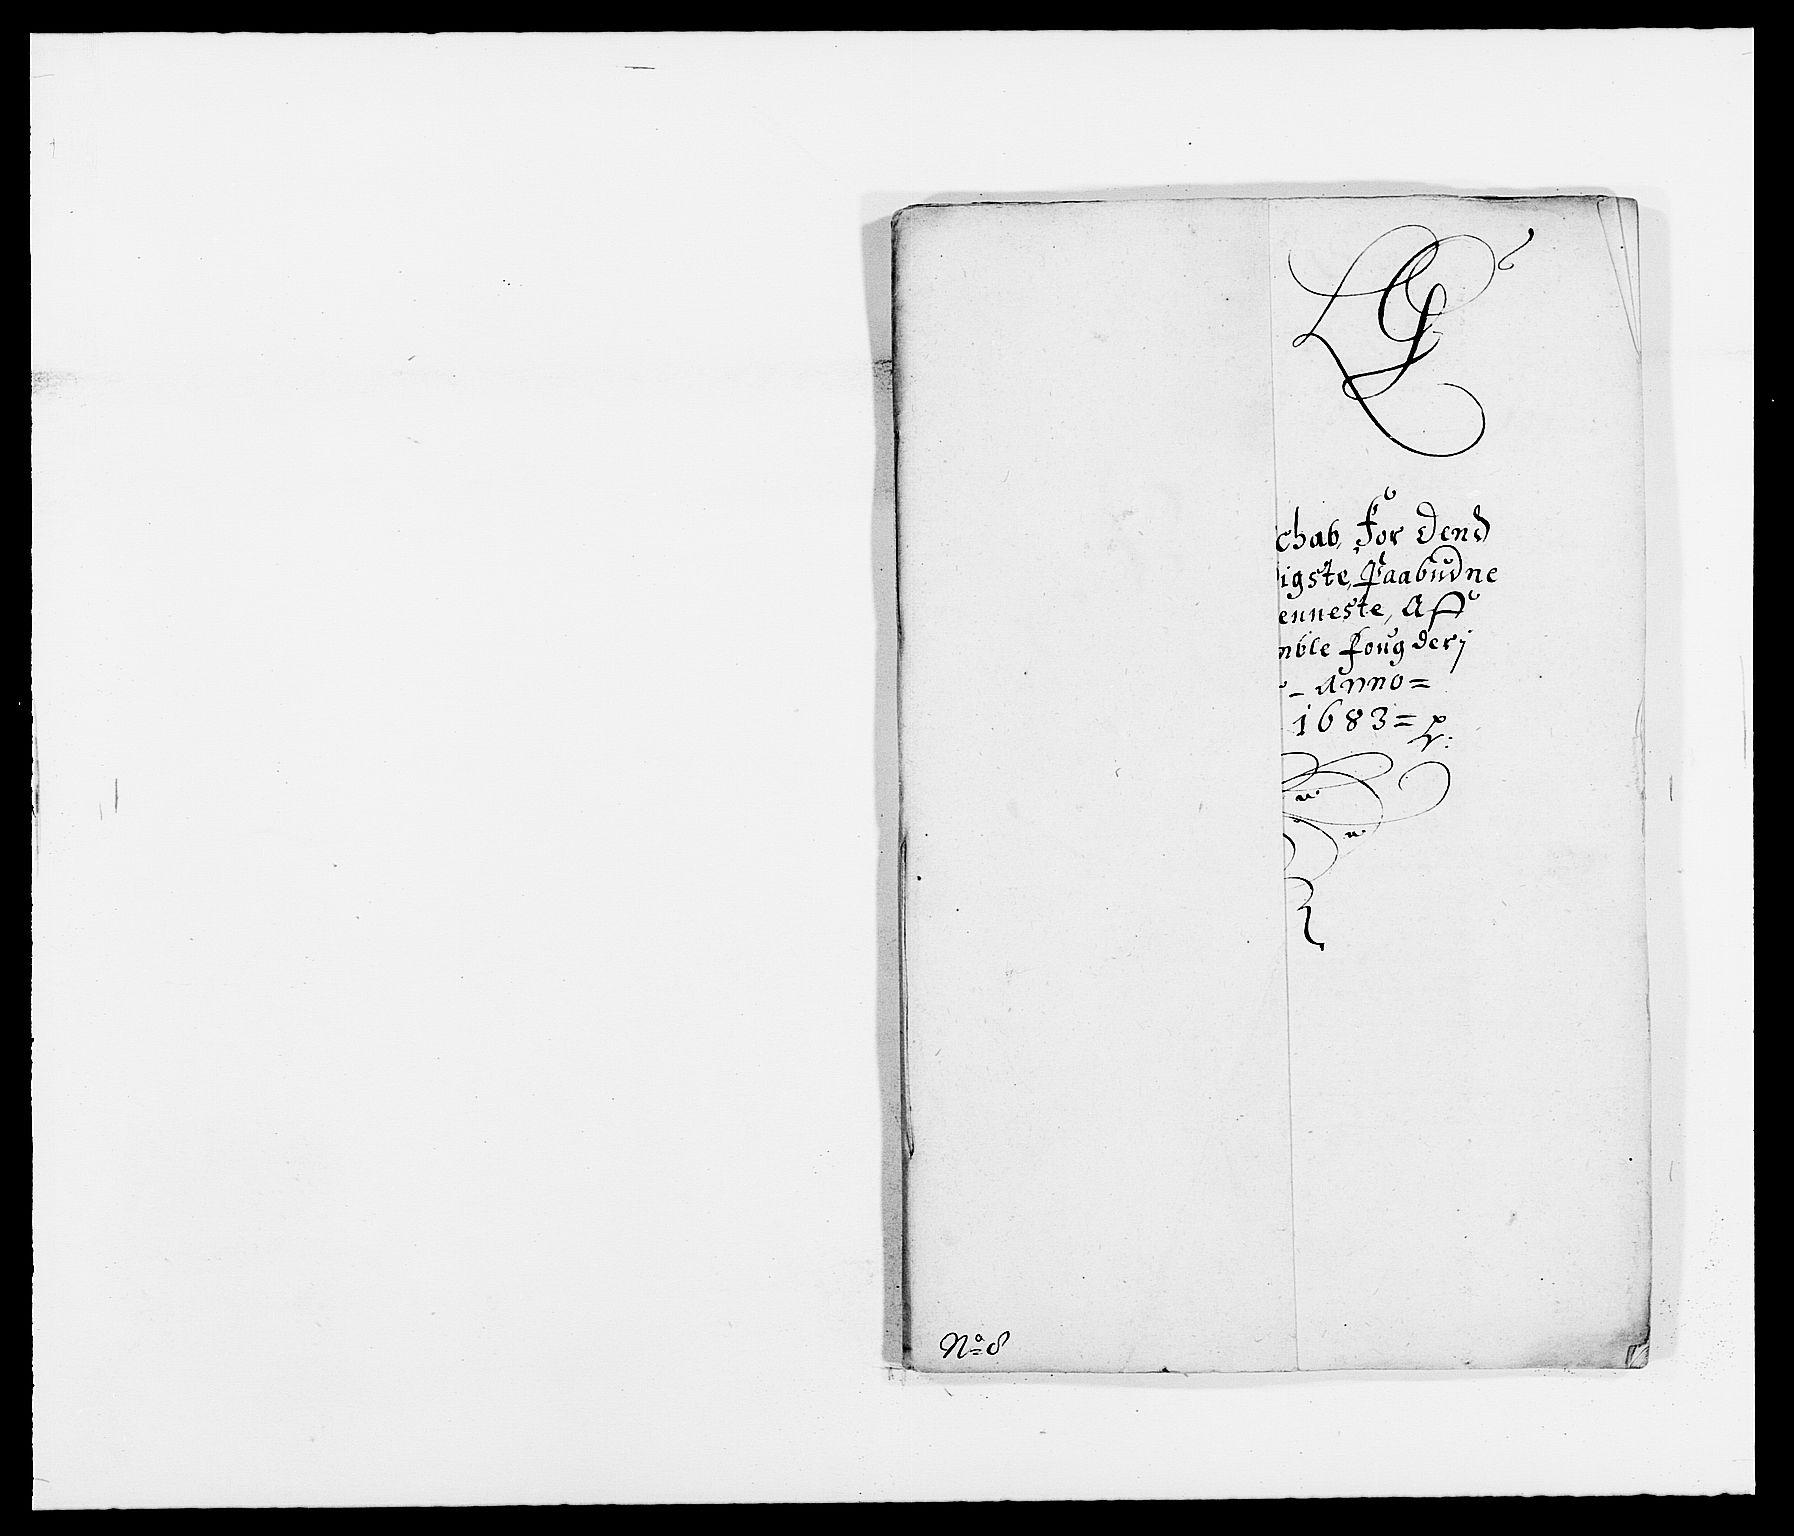 RA, Rentekammeret inntil 1814, Reviderte regnskaper, Fogderegnskap, R34/L2046: Fogderegnskap Bamble, 1682-1683, s. 360